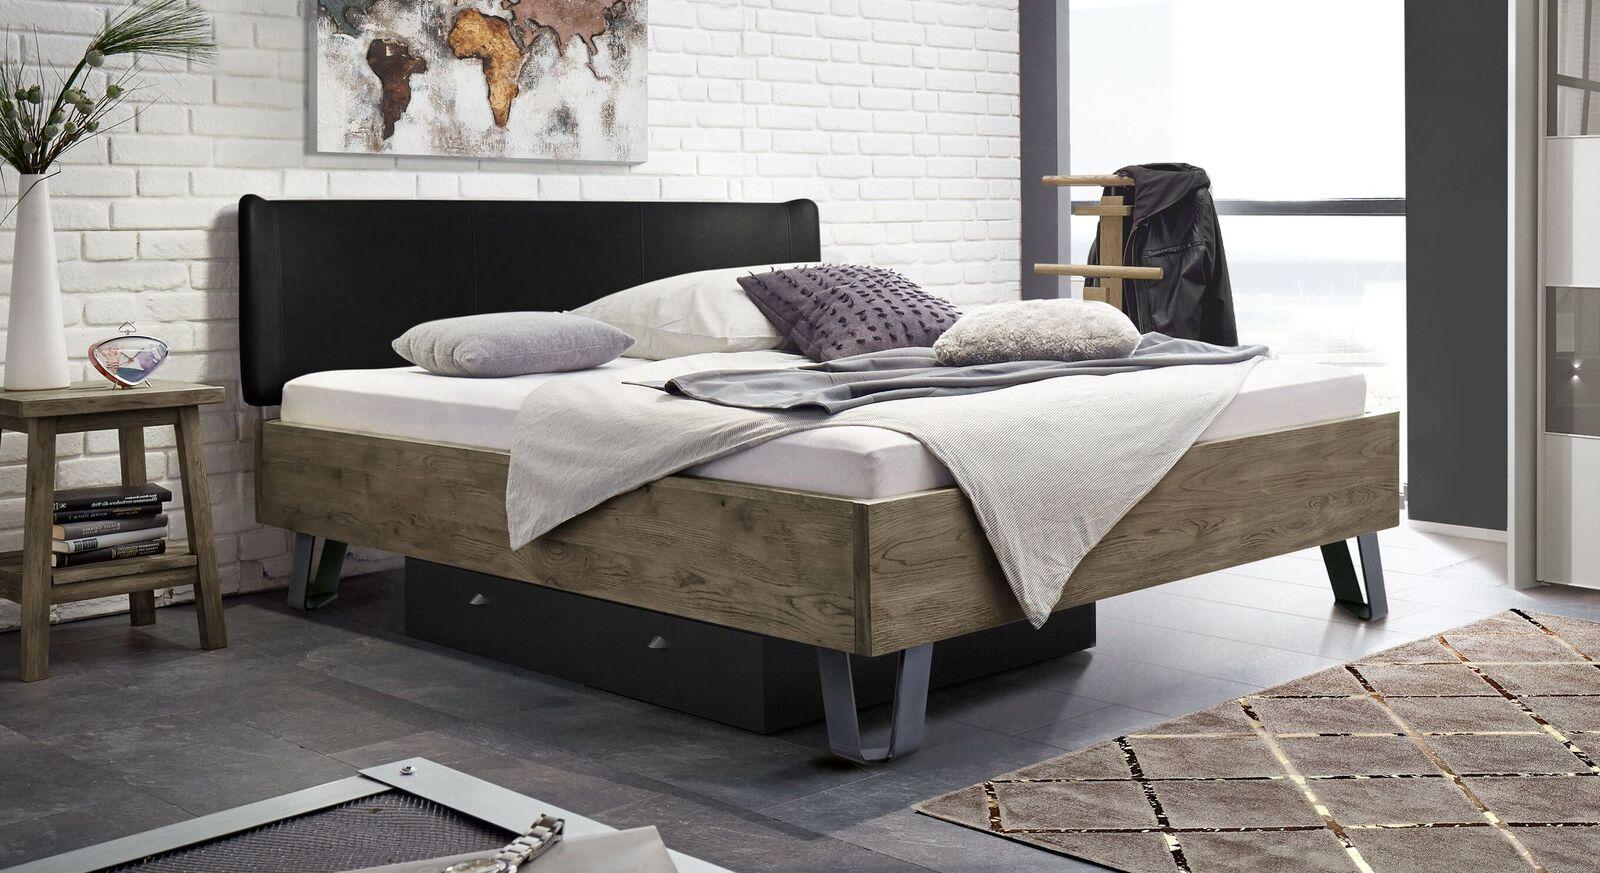 Terrabraunes Bett Passo mit schwarzem Kopfteil